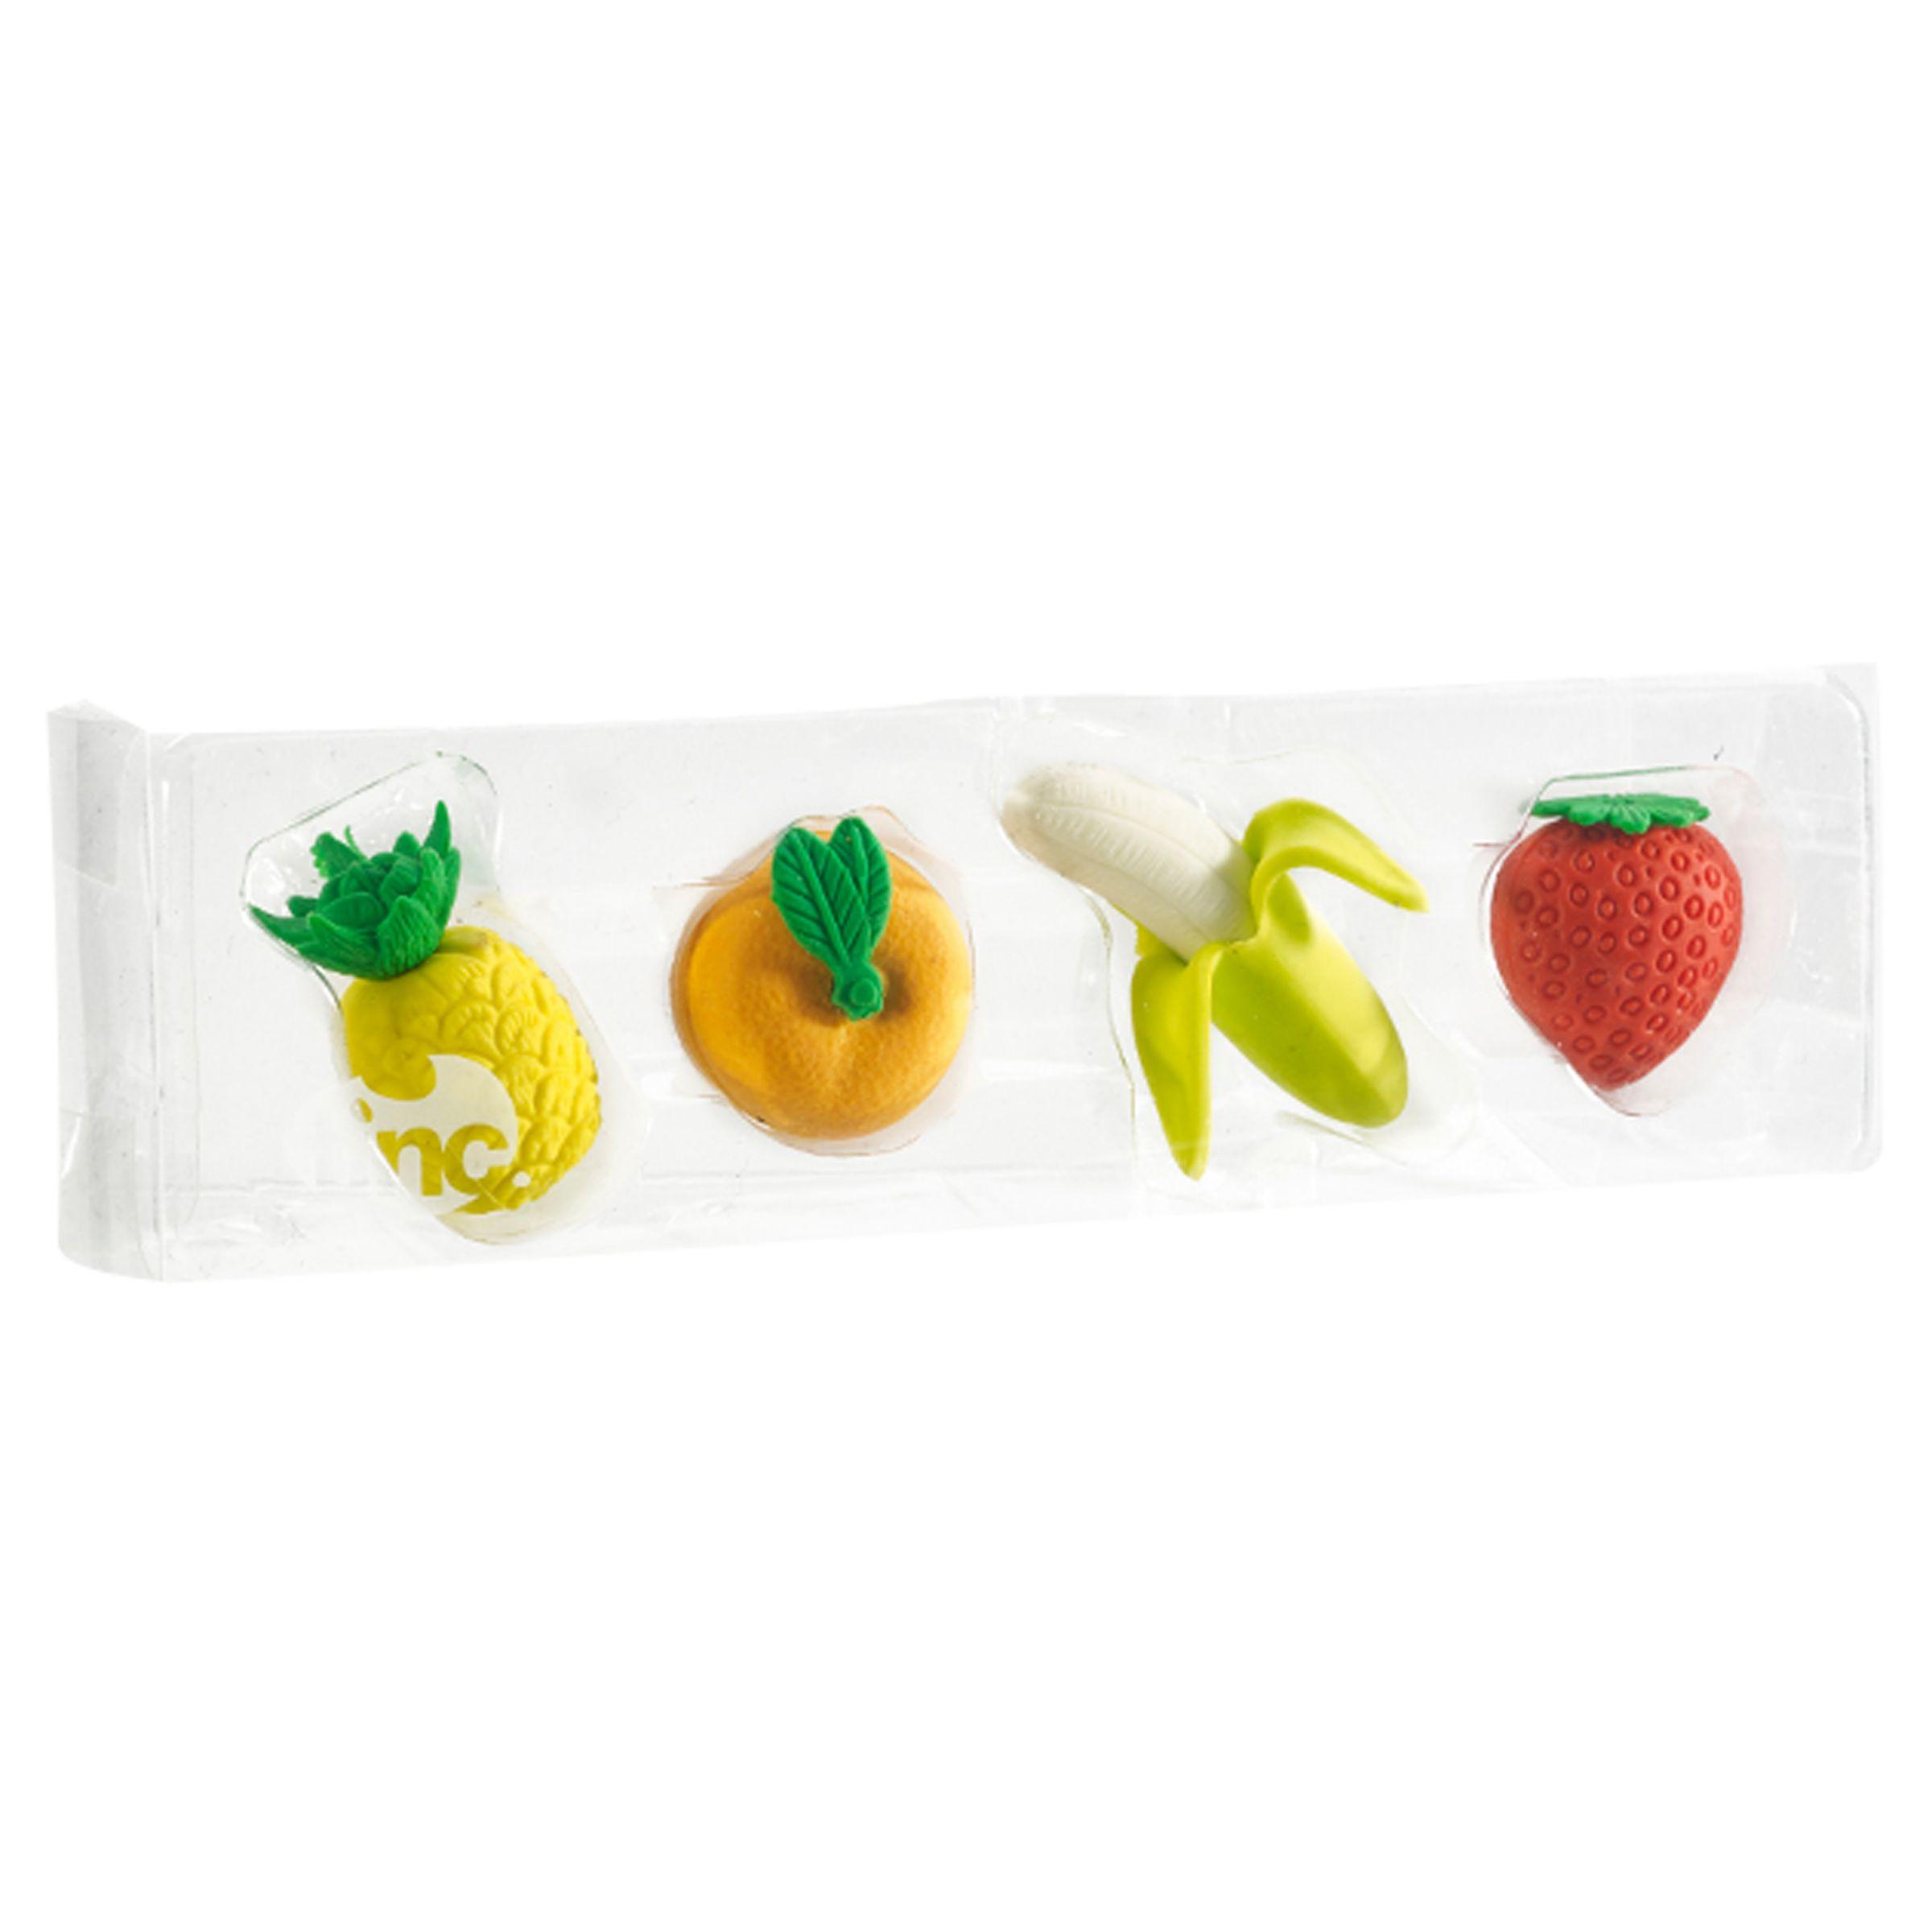 Tinc Tinc Fruit Eraser Collection